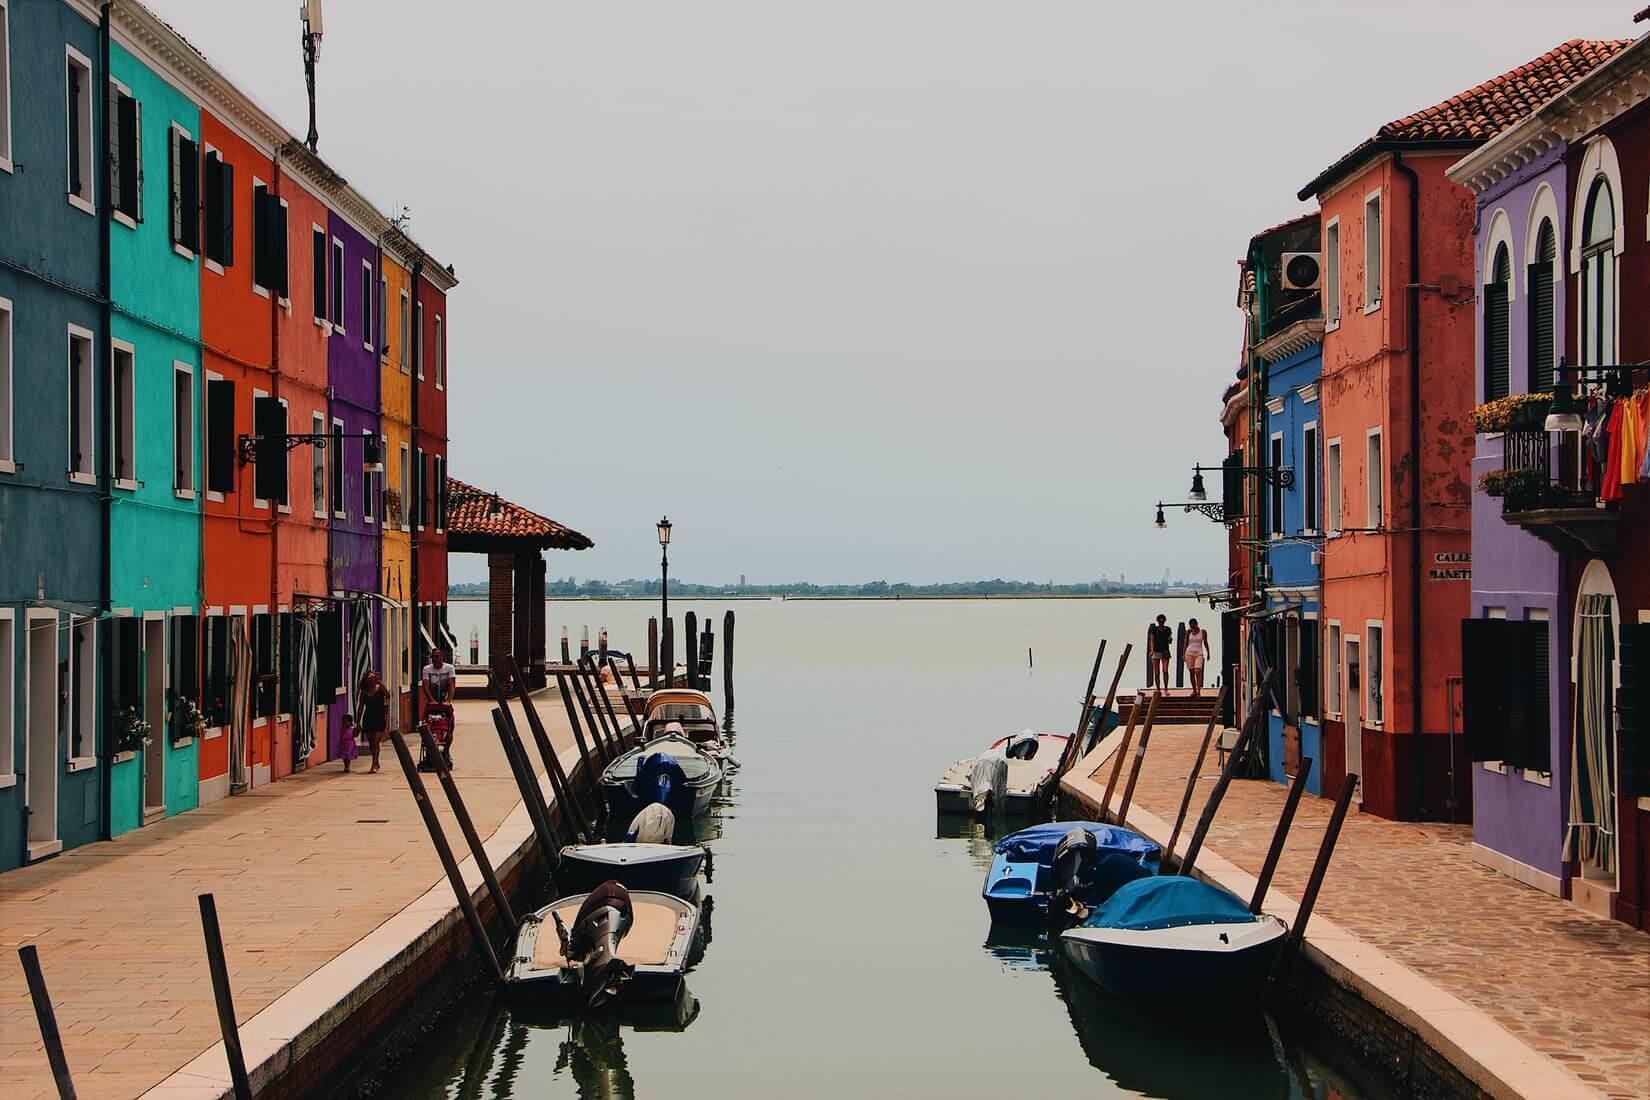 Поясним за новости: Италия меняет краткосрочную визу на годовую бесплатно